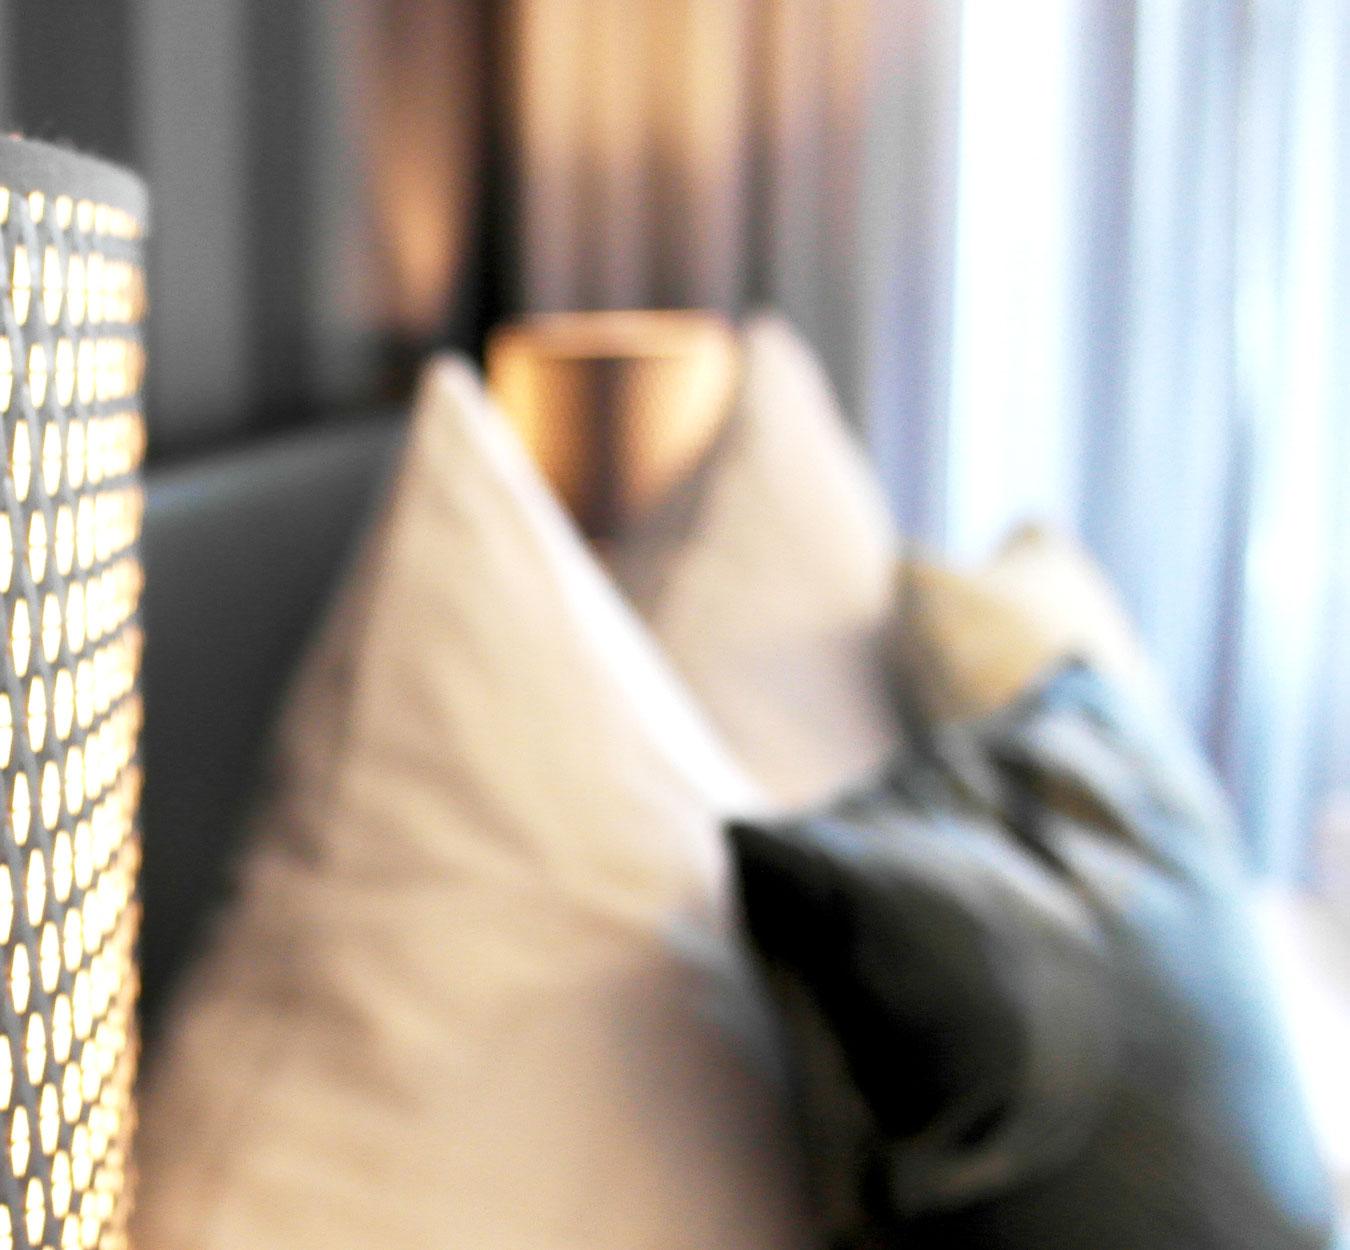 hotel-dz-deluxe-g-detail-2